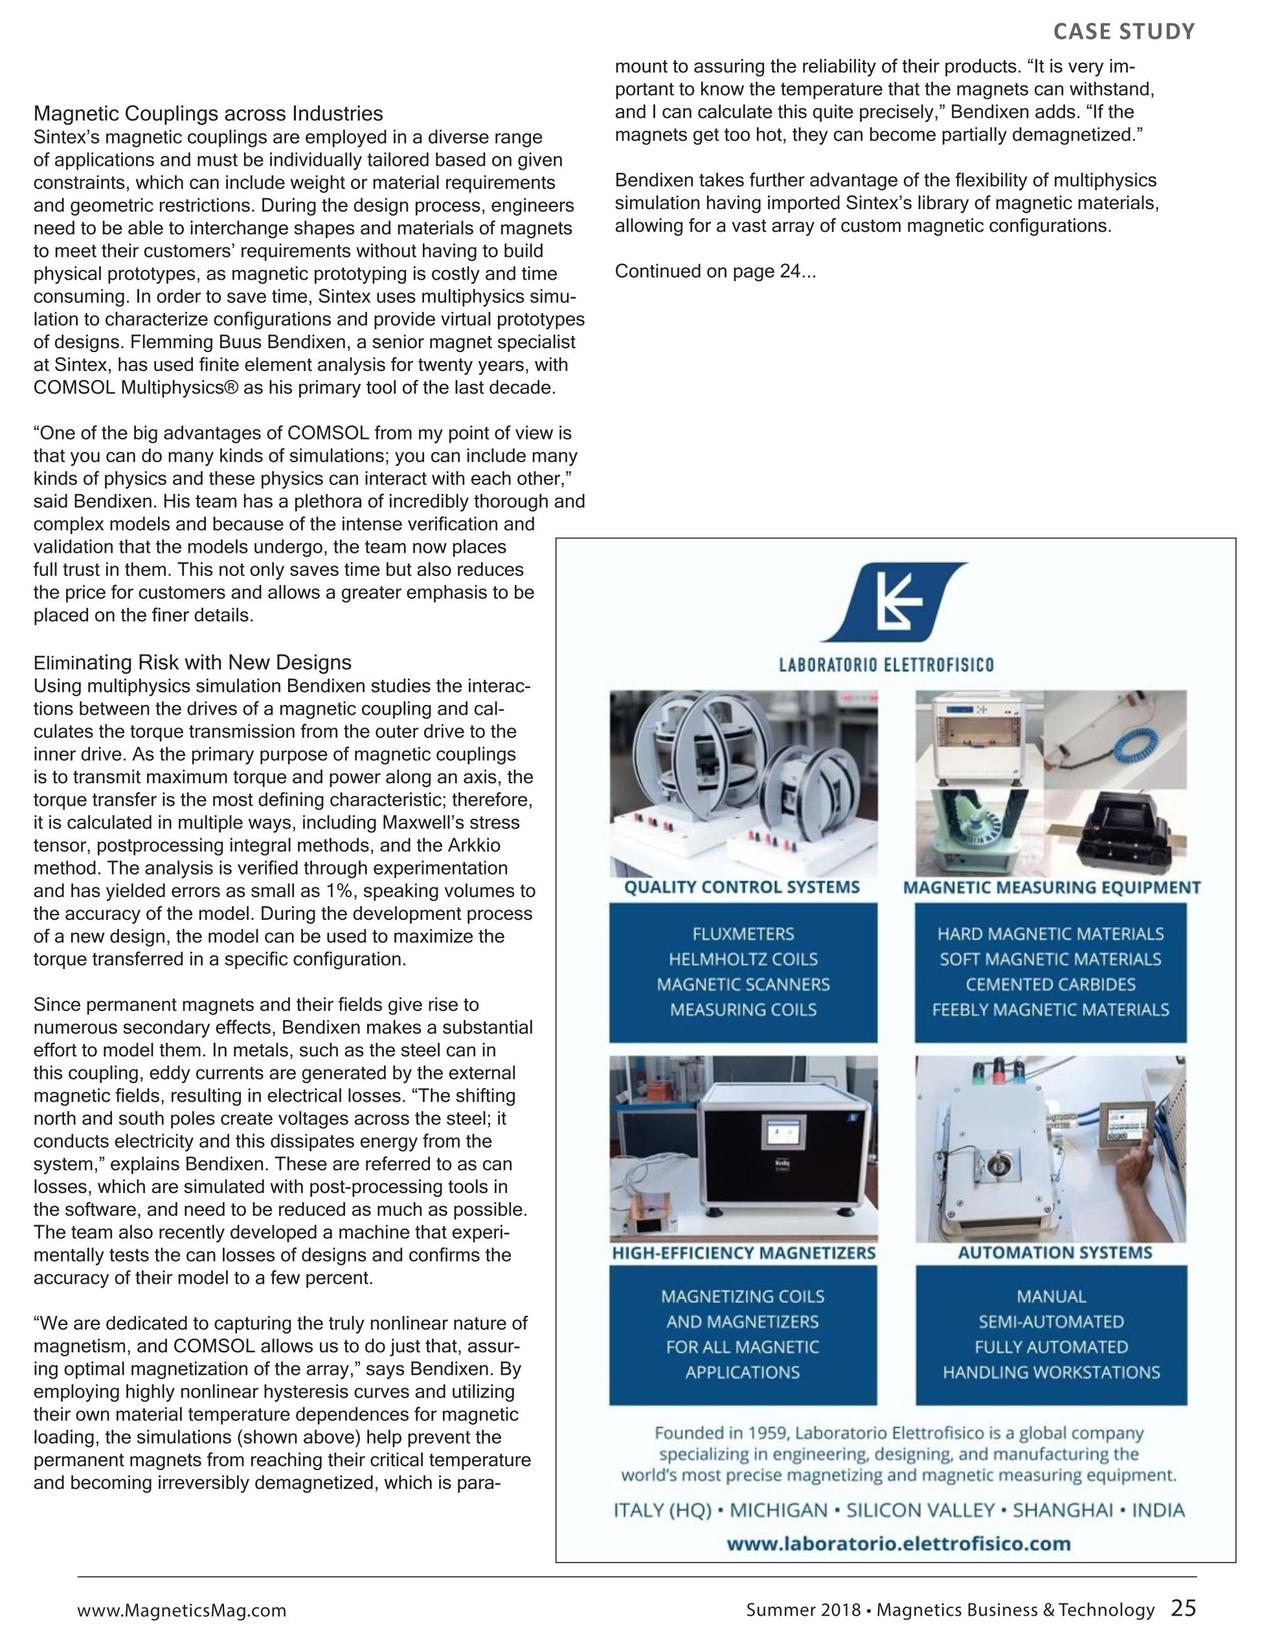 Magnetics Business & Technology - Summer 2018